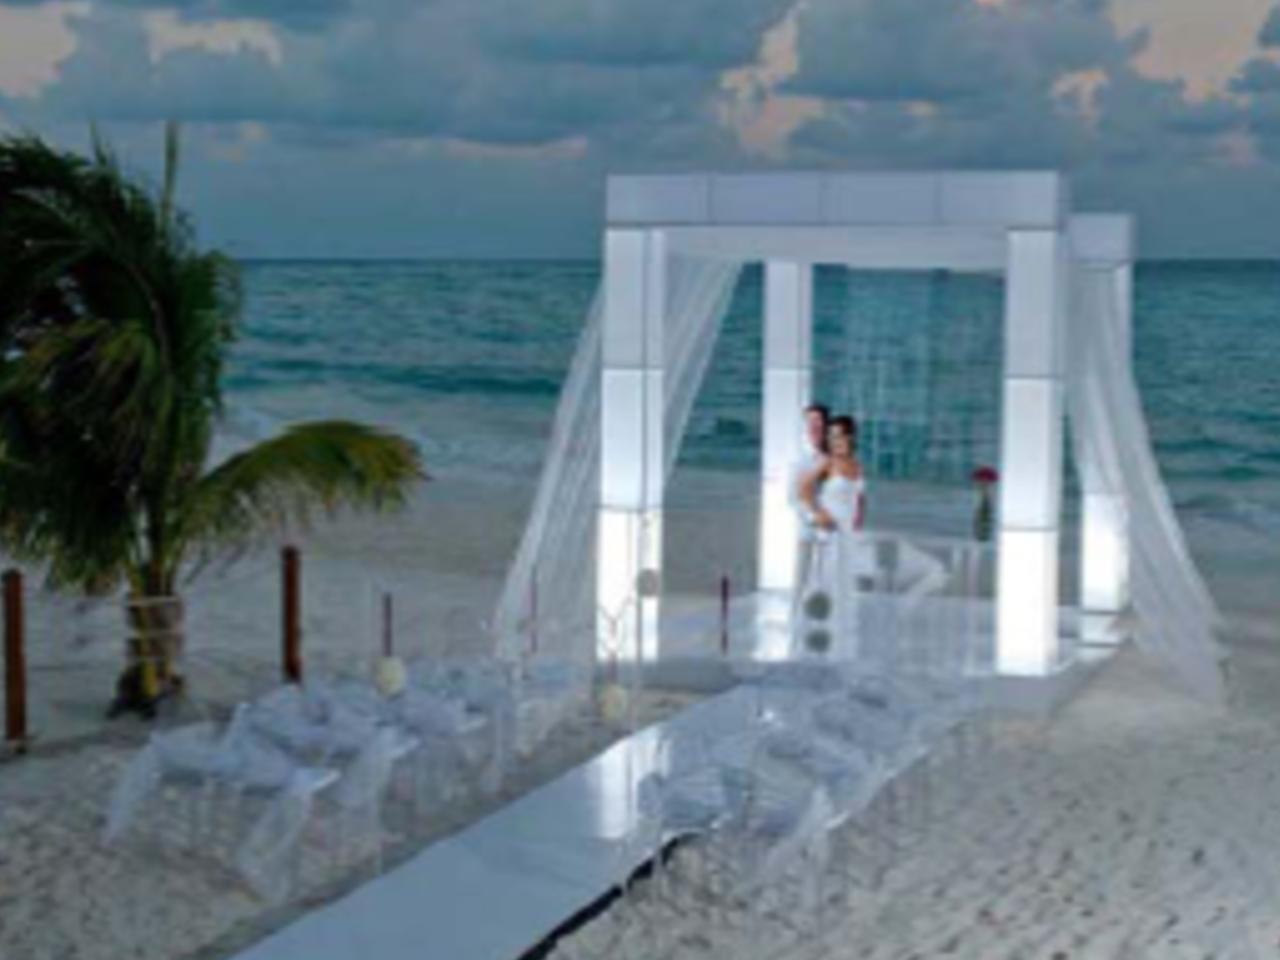 wedding Planner en Monterrey, Boda en la playa, Las mejores bodas en la playa en México -wedding Planner en Monterrey, Boda en la playa, Las mejores bodas en la playa en México - Paquete 2: Gold Star